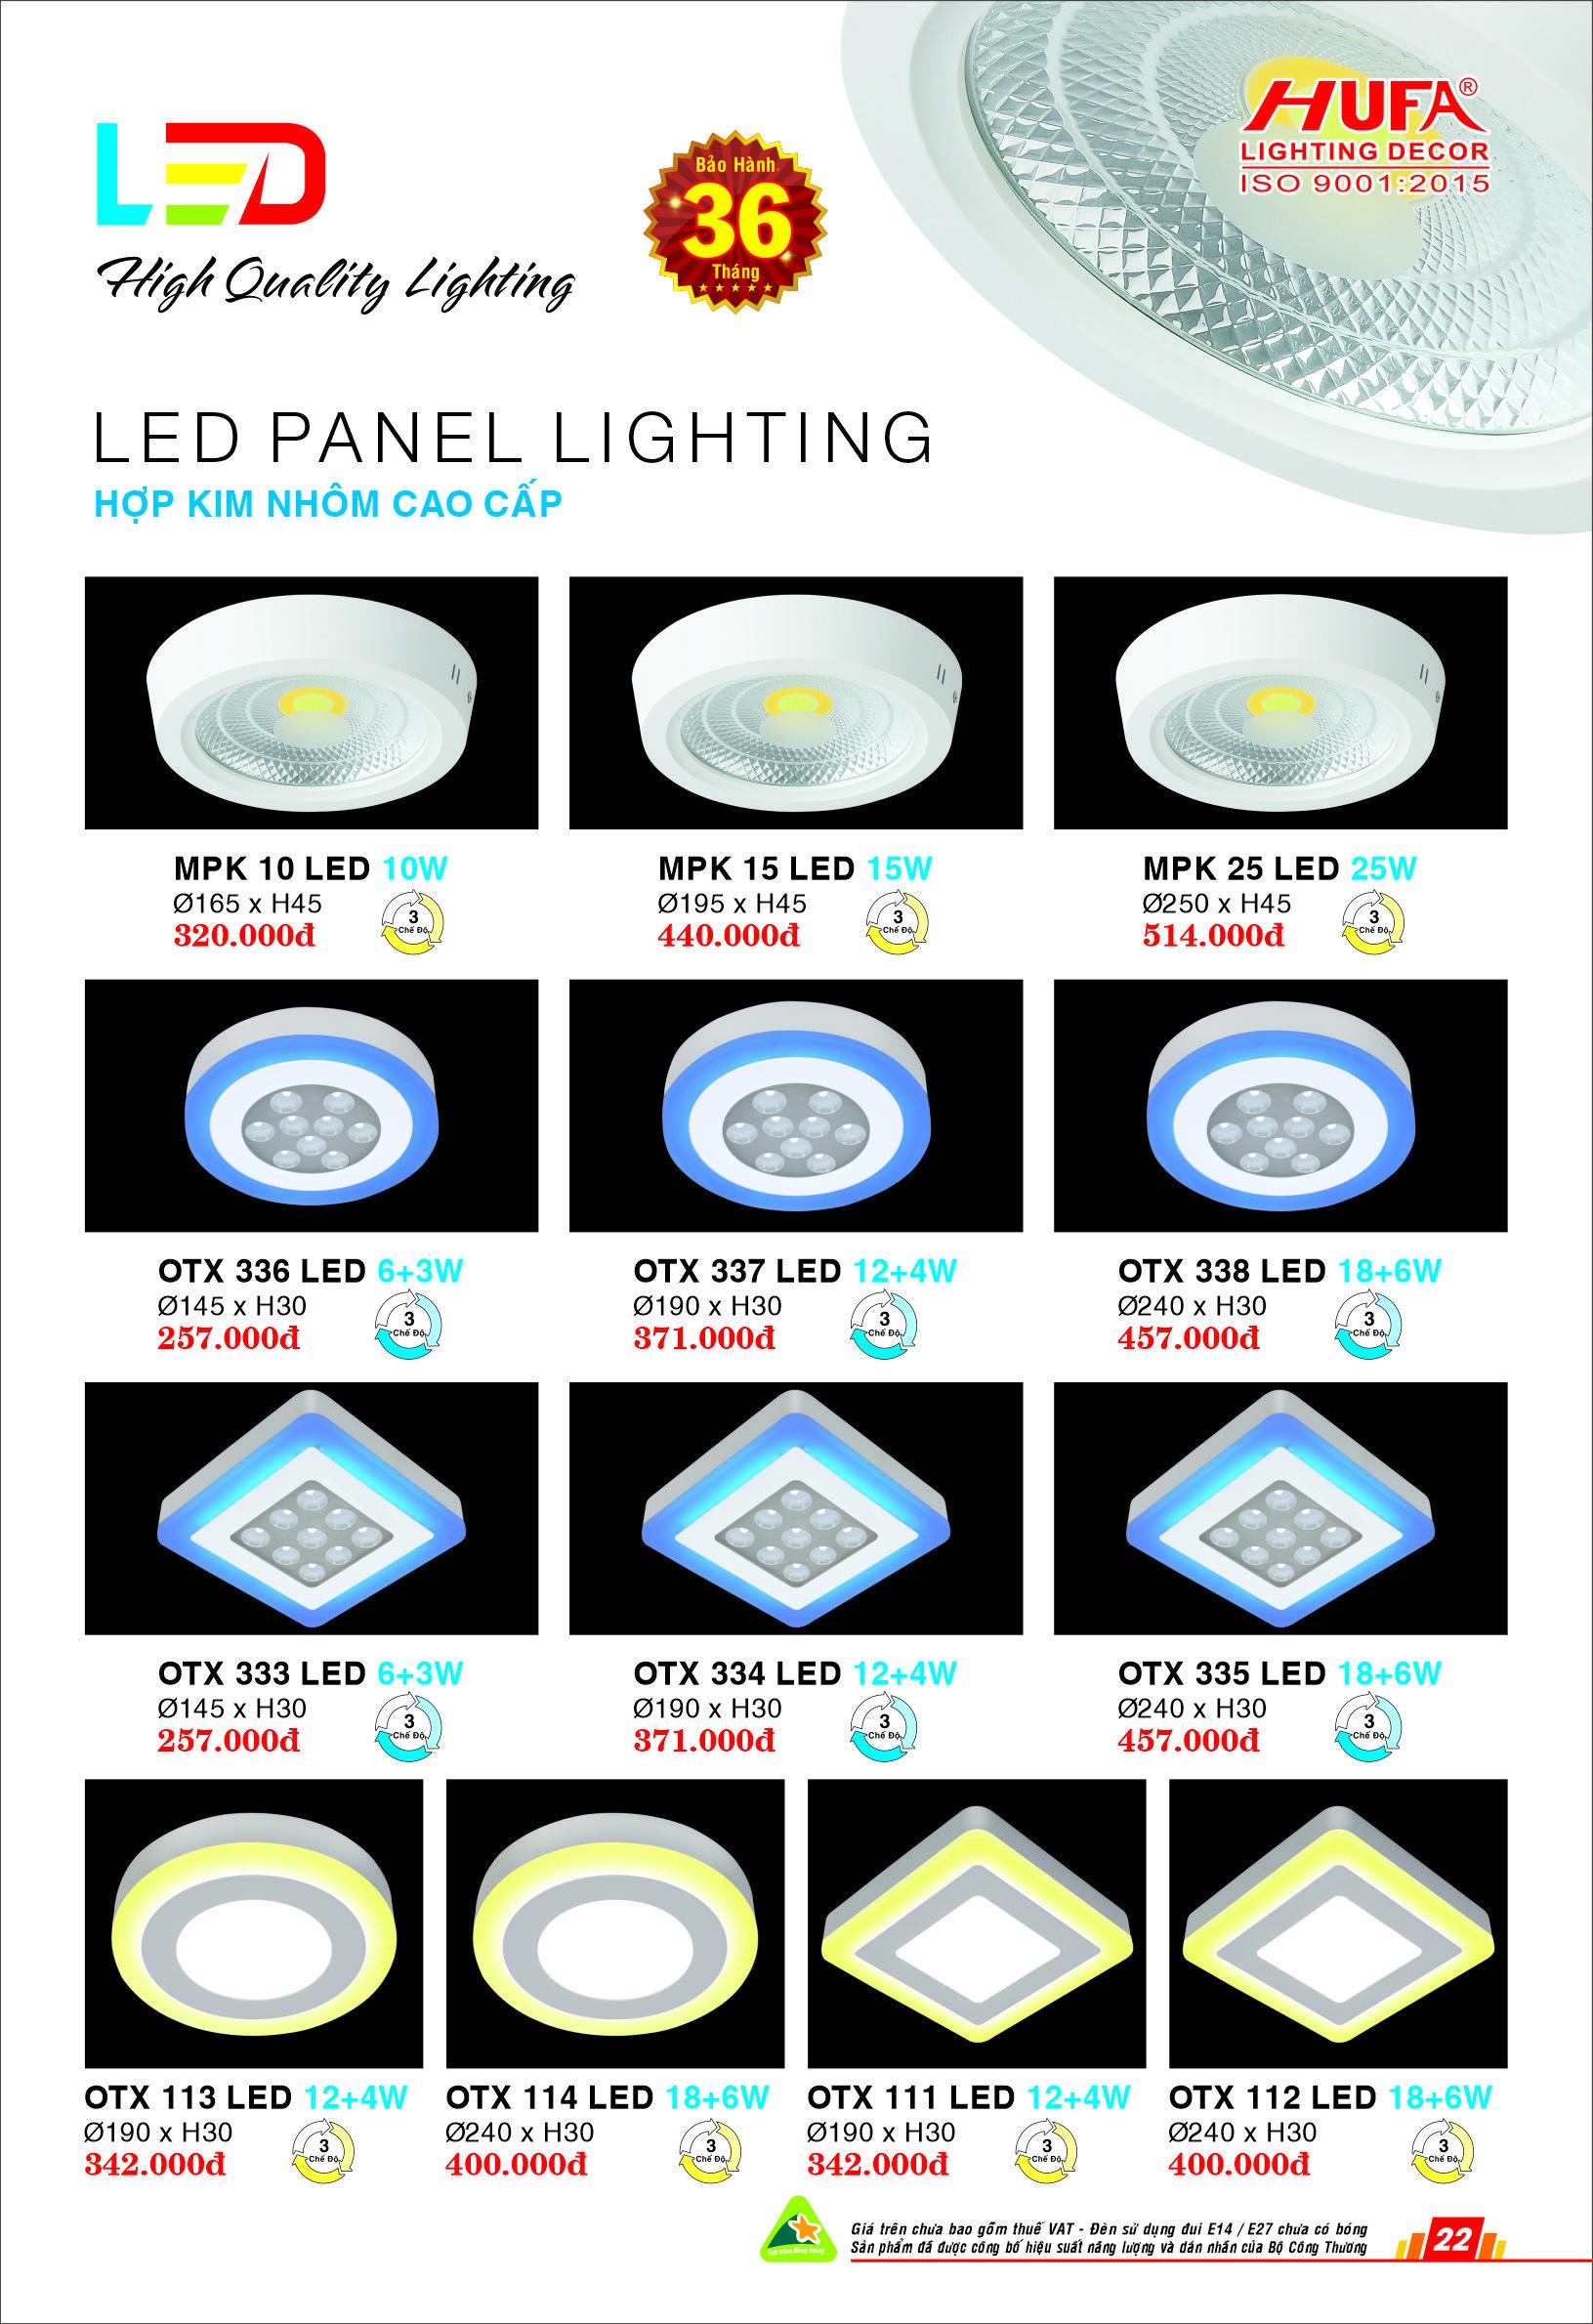 den led op tran noi 1 - Đèn Led là gì? Sự khác nhau giữa đèn Led và đèn thường như thế nào?